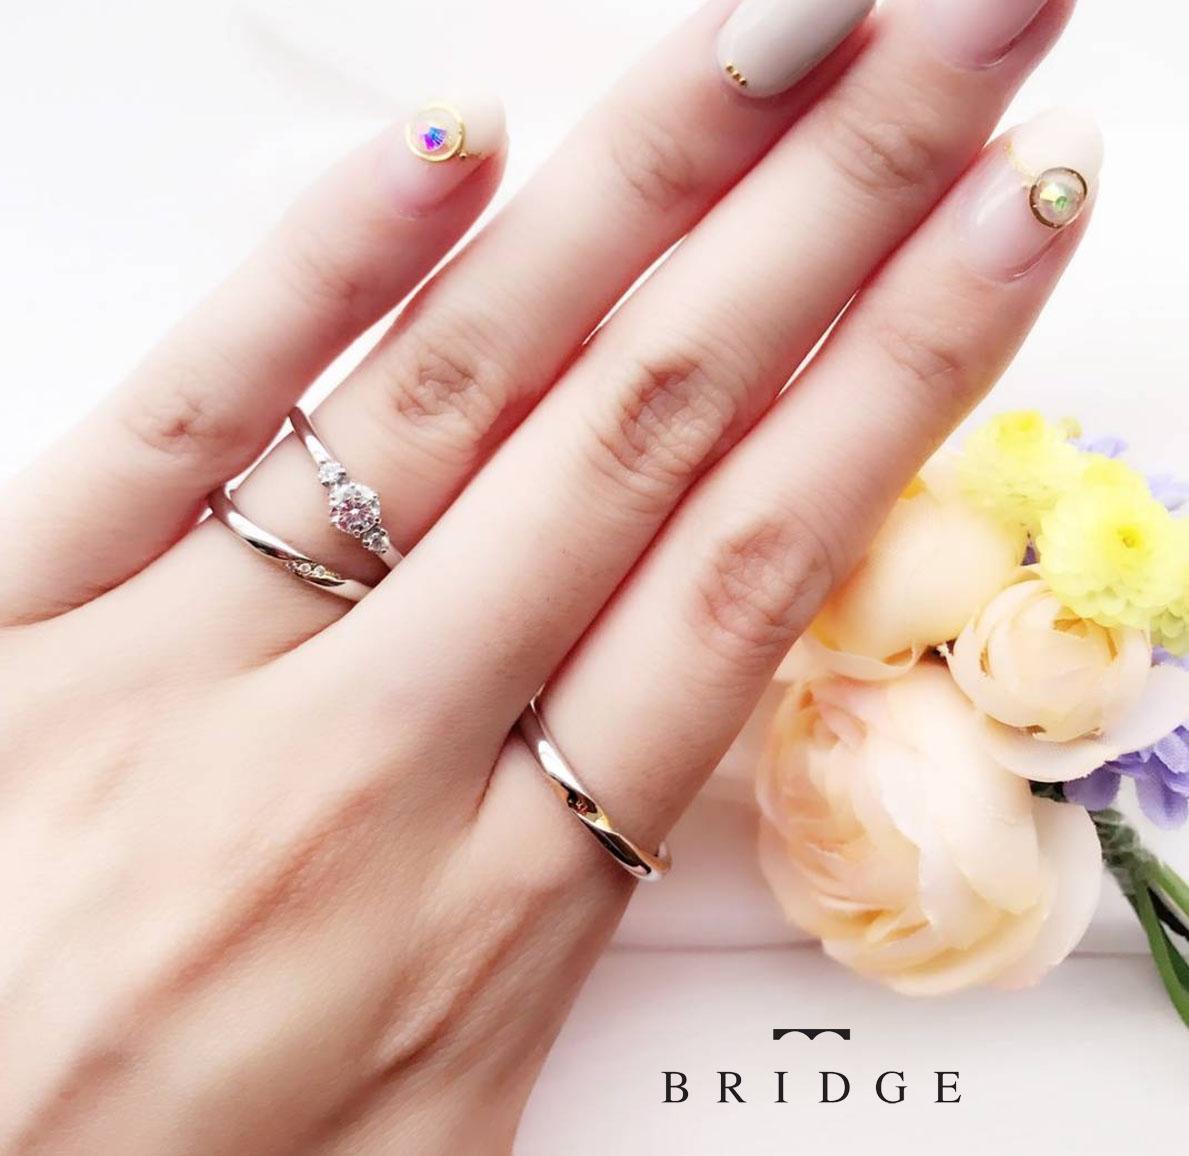 人気の重ねつけスリーストーンダイヤモンドエンゲージとストレートマリッジリング結婚指輪と婚約指輪の重ねつけが花嫁の憧れ